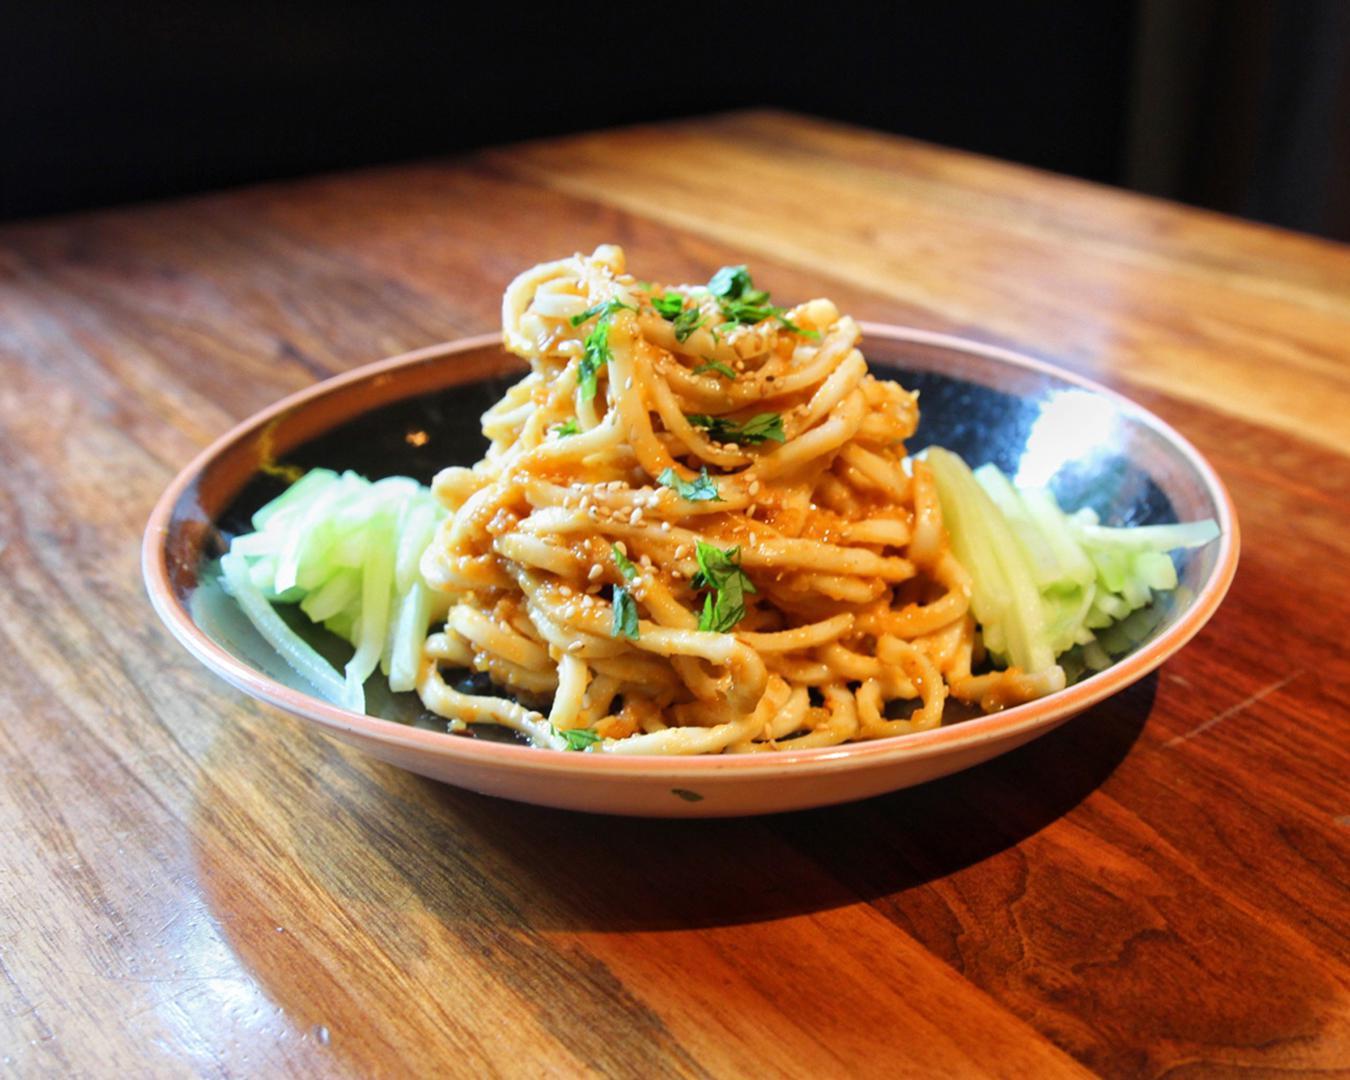 Cool Peanut Noodles